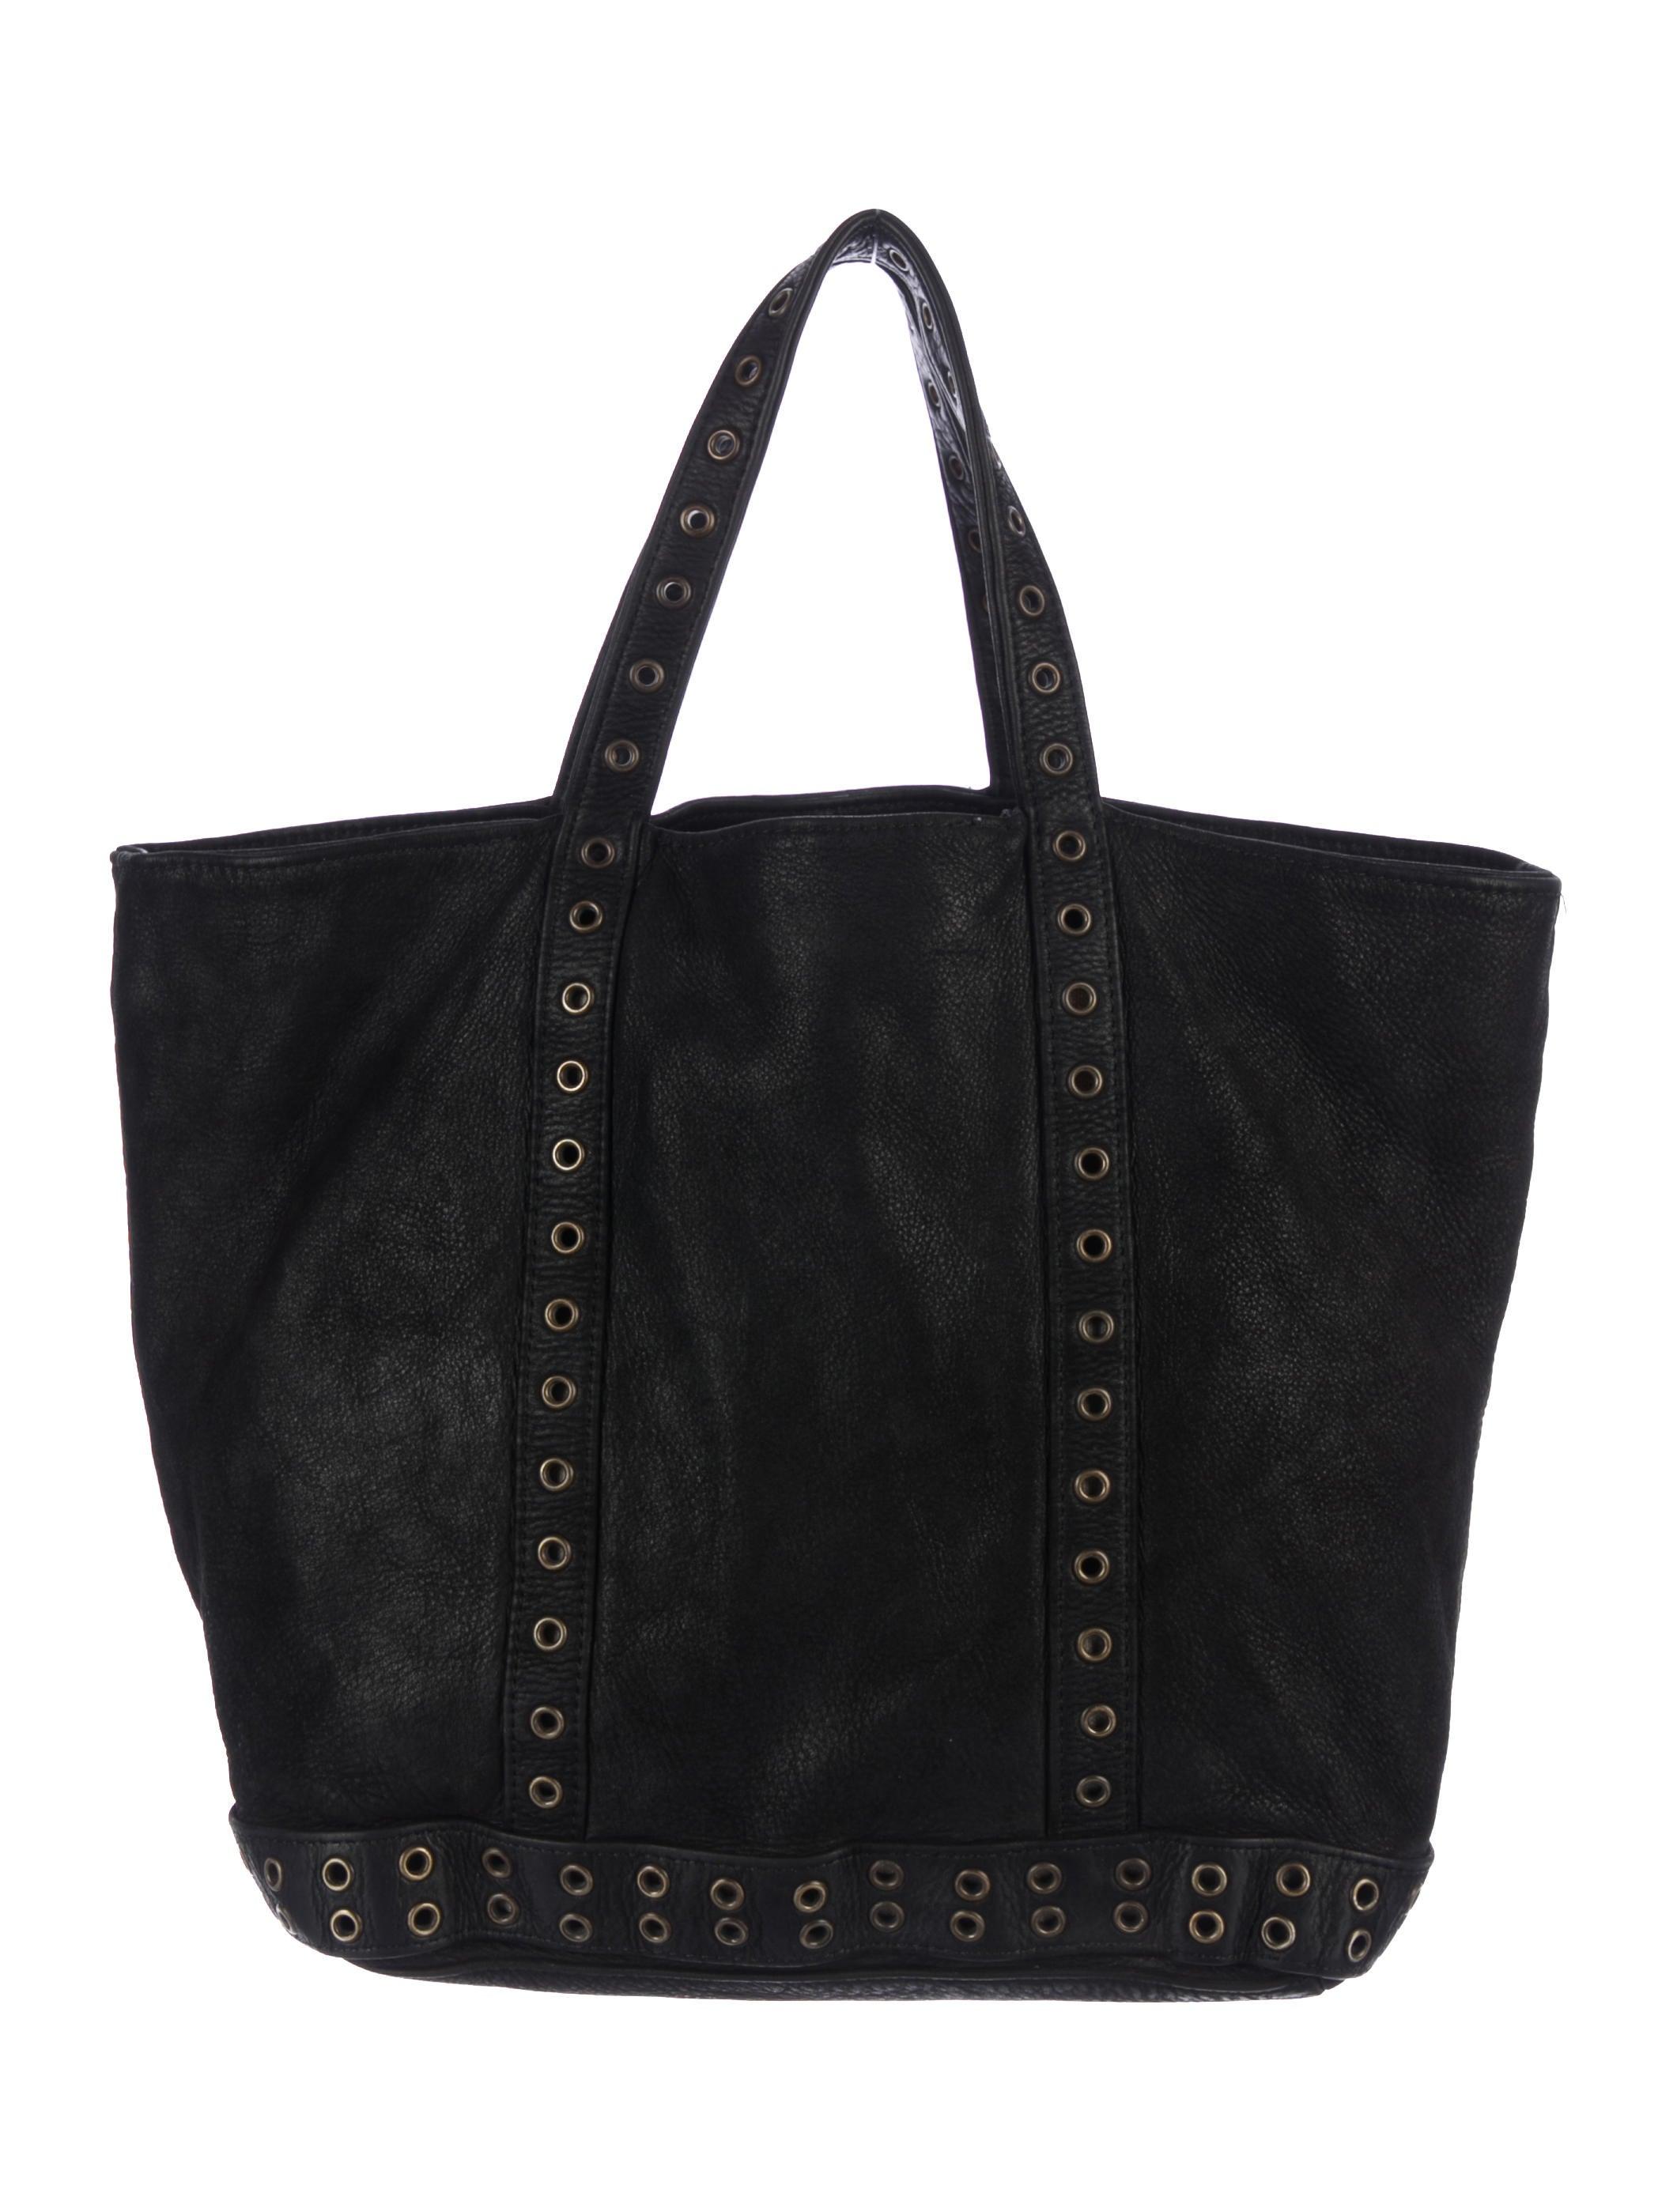 vanessa bruno le cabas tote handbags van23623 the realreal. Black Bedroom Furniture Sets. Home Design Ideas